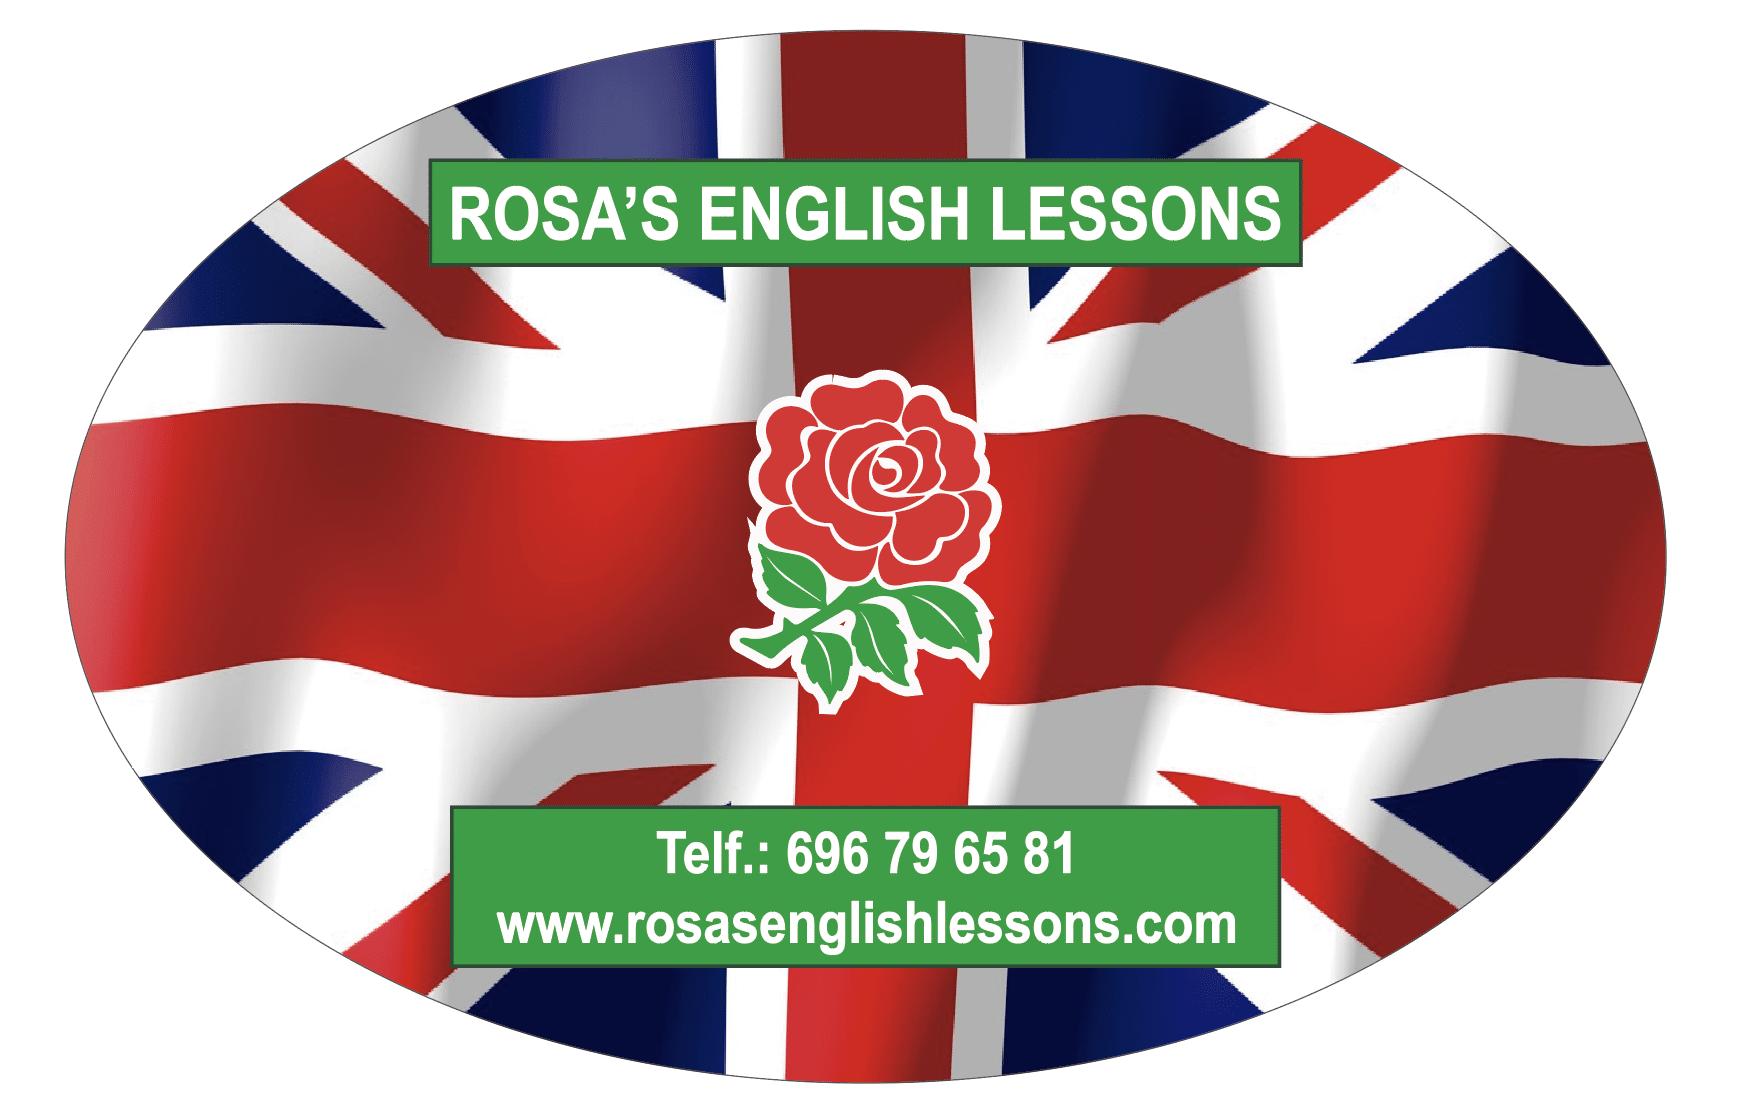 rosas-english-lessons